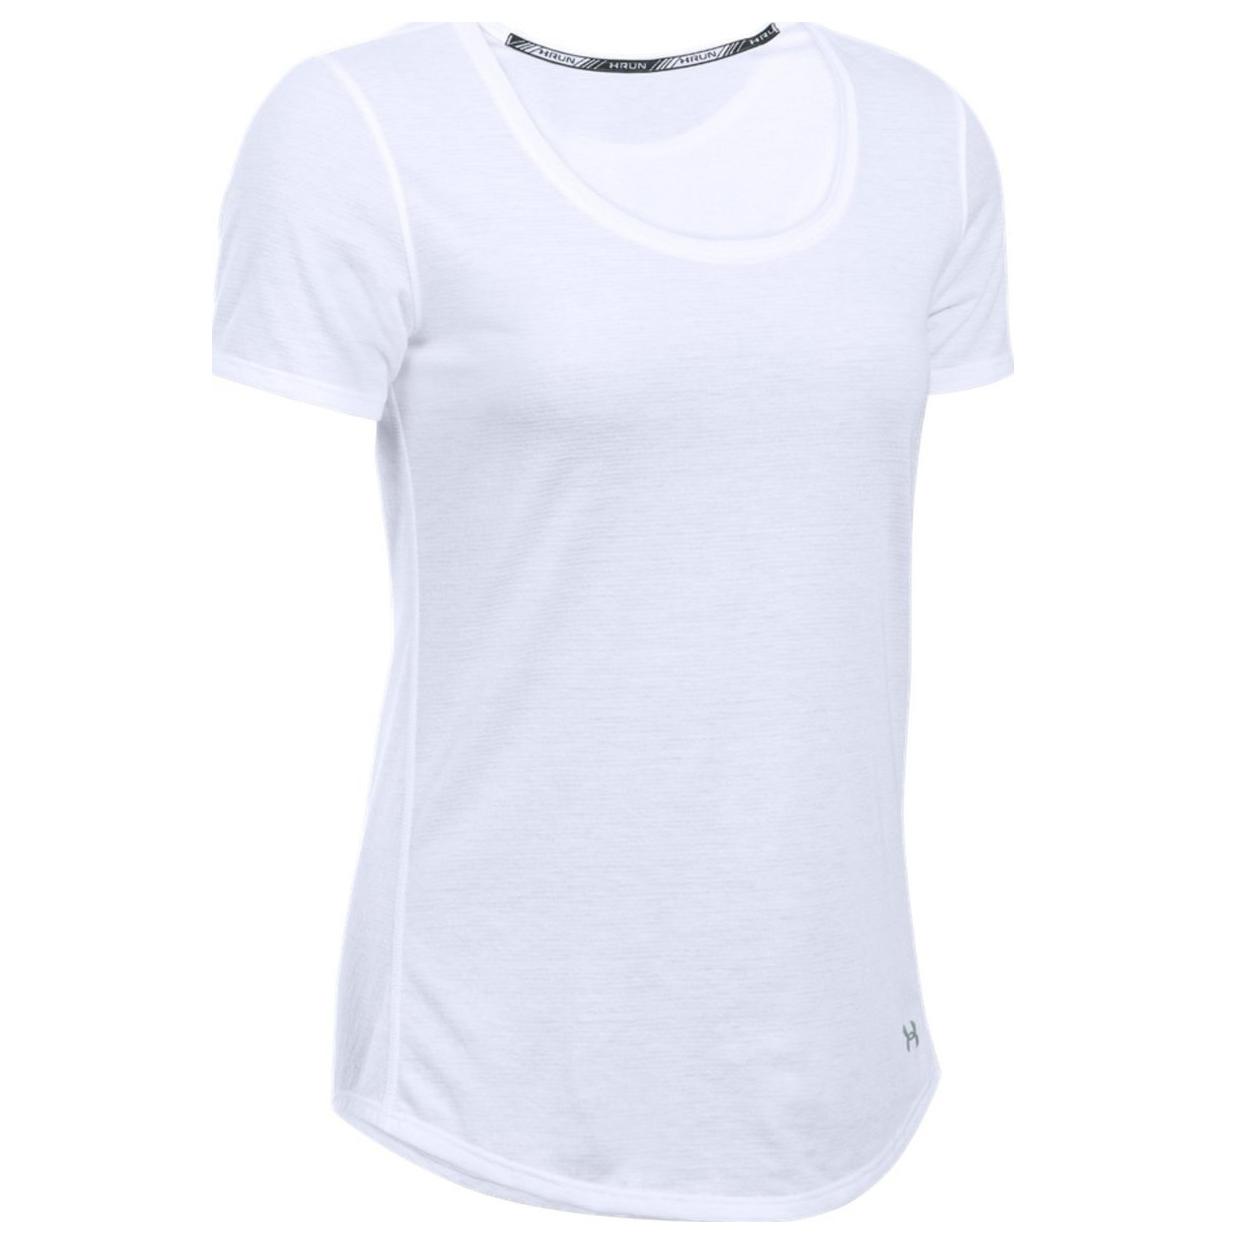 تی شرت آستین کوتاه ورزشی زنانه آندر آرمور مدل 1271517-100